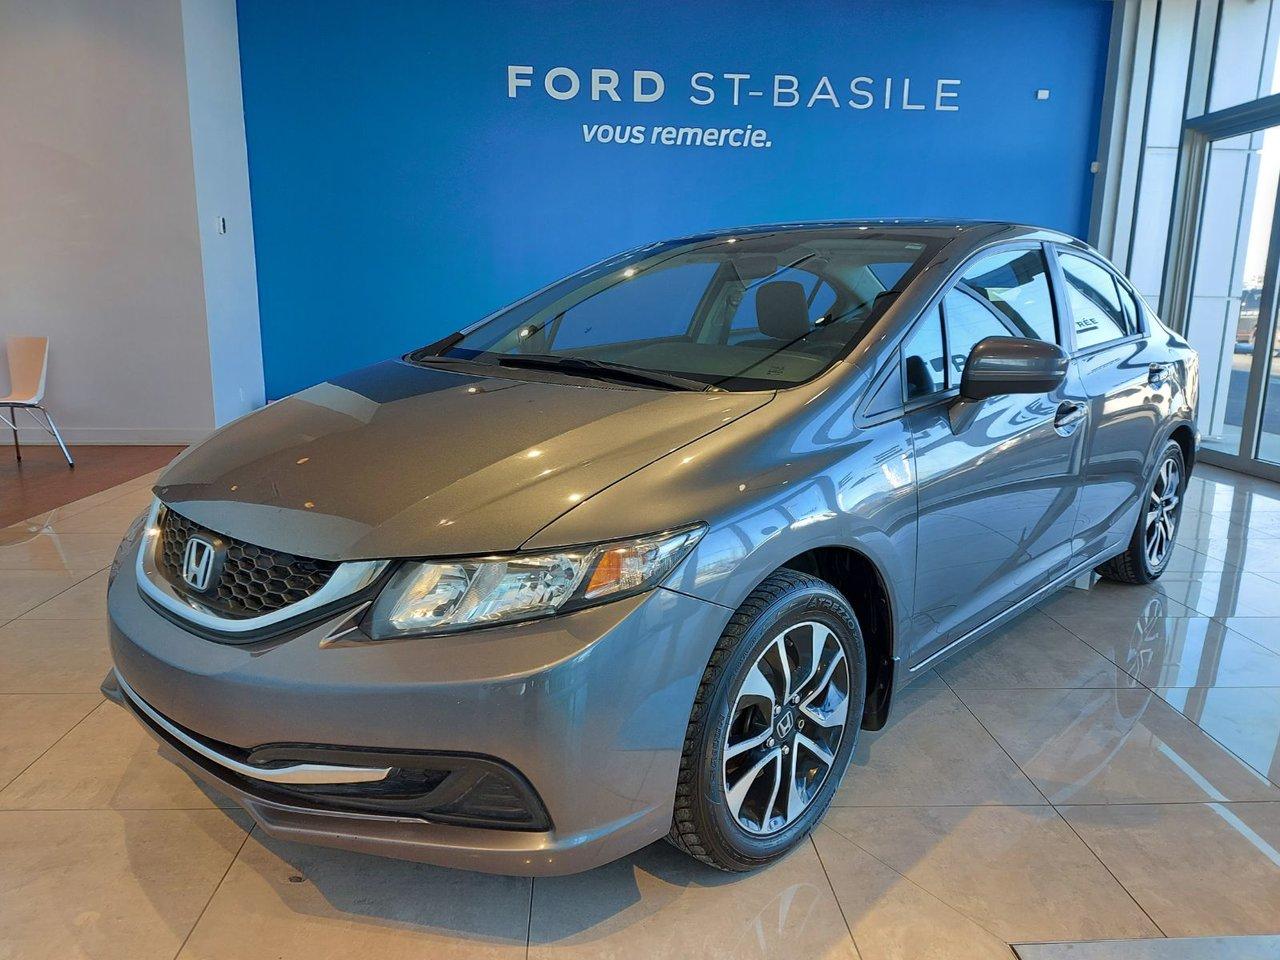 Honda Civic 2015 EX MAG SIEGE CHAUFFANT TOIT OUVRANT